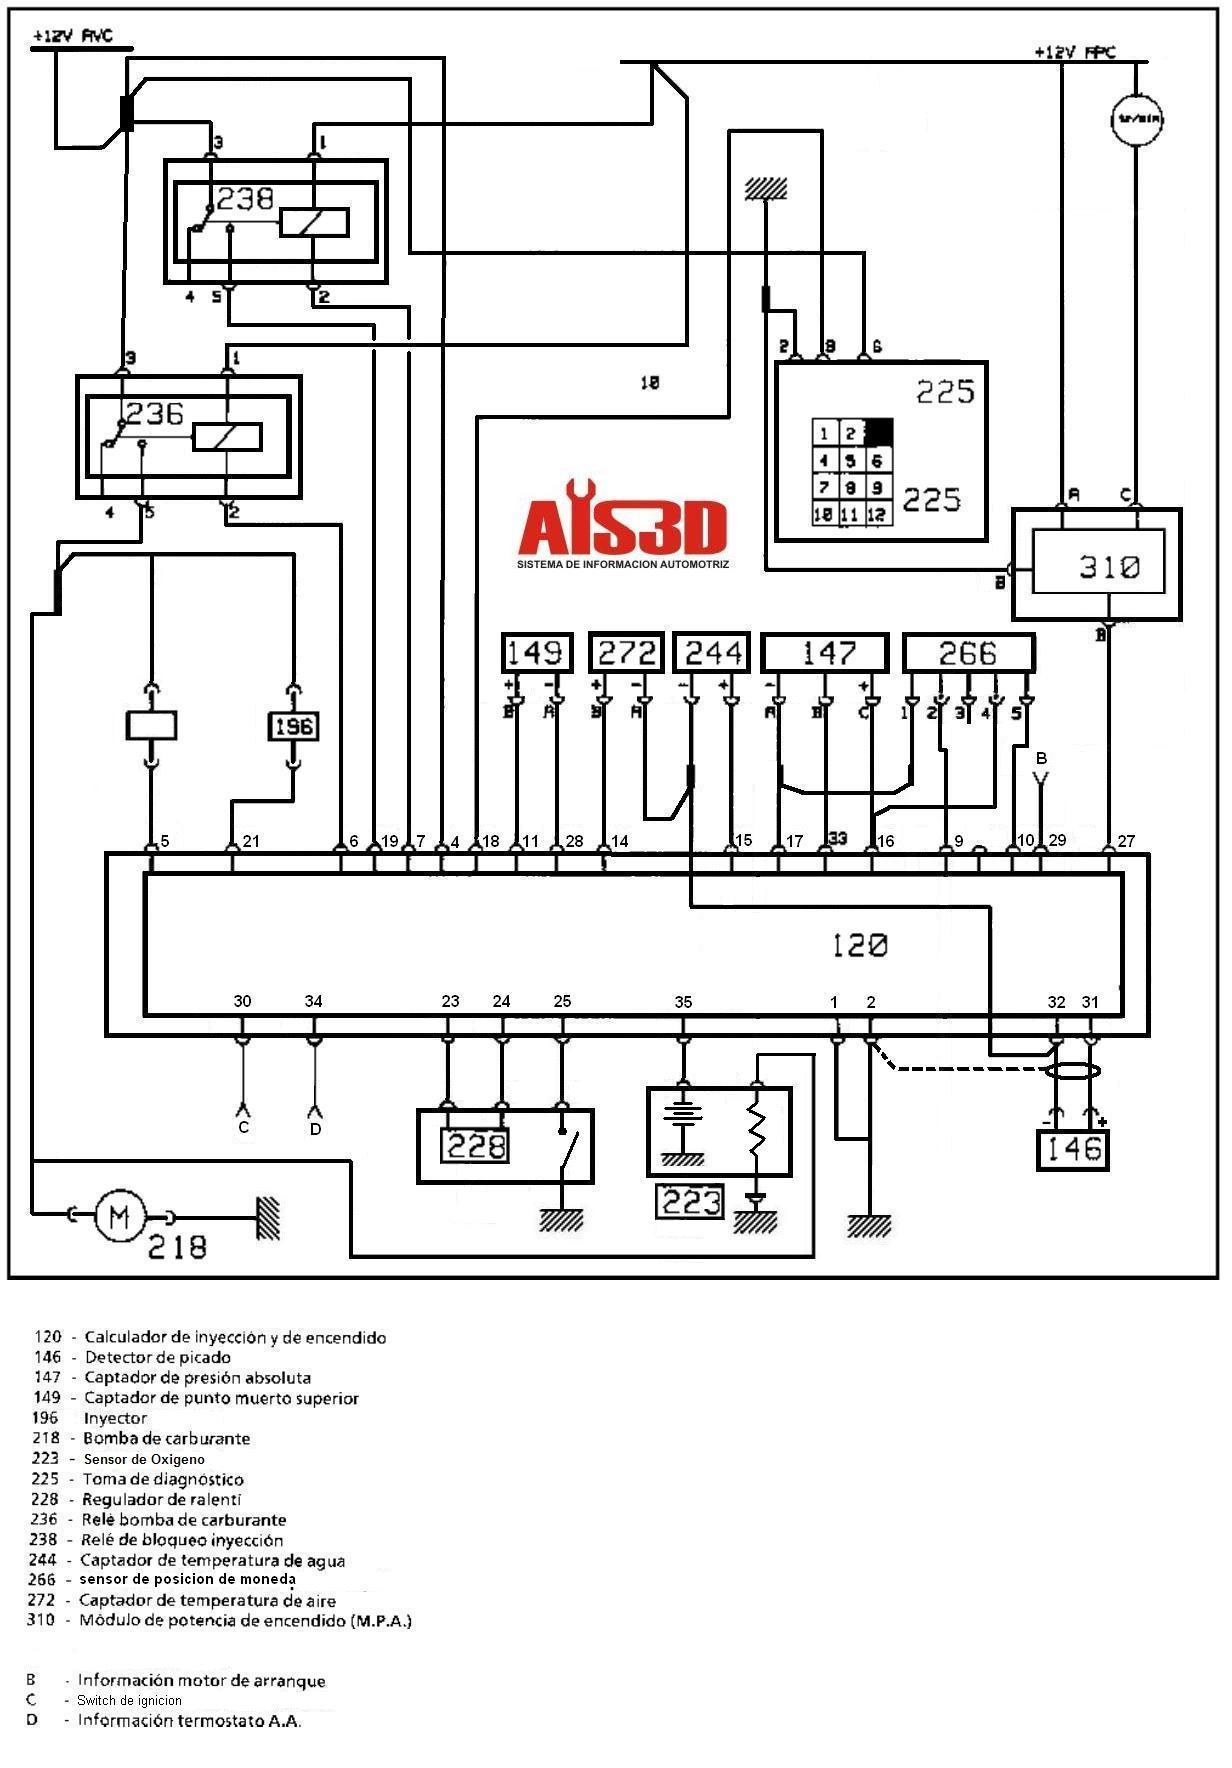 renault clio wiring diagram usuario